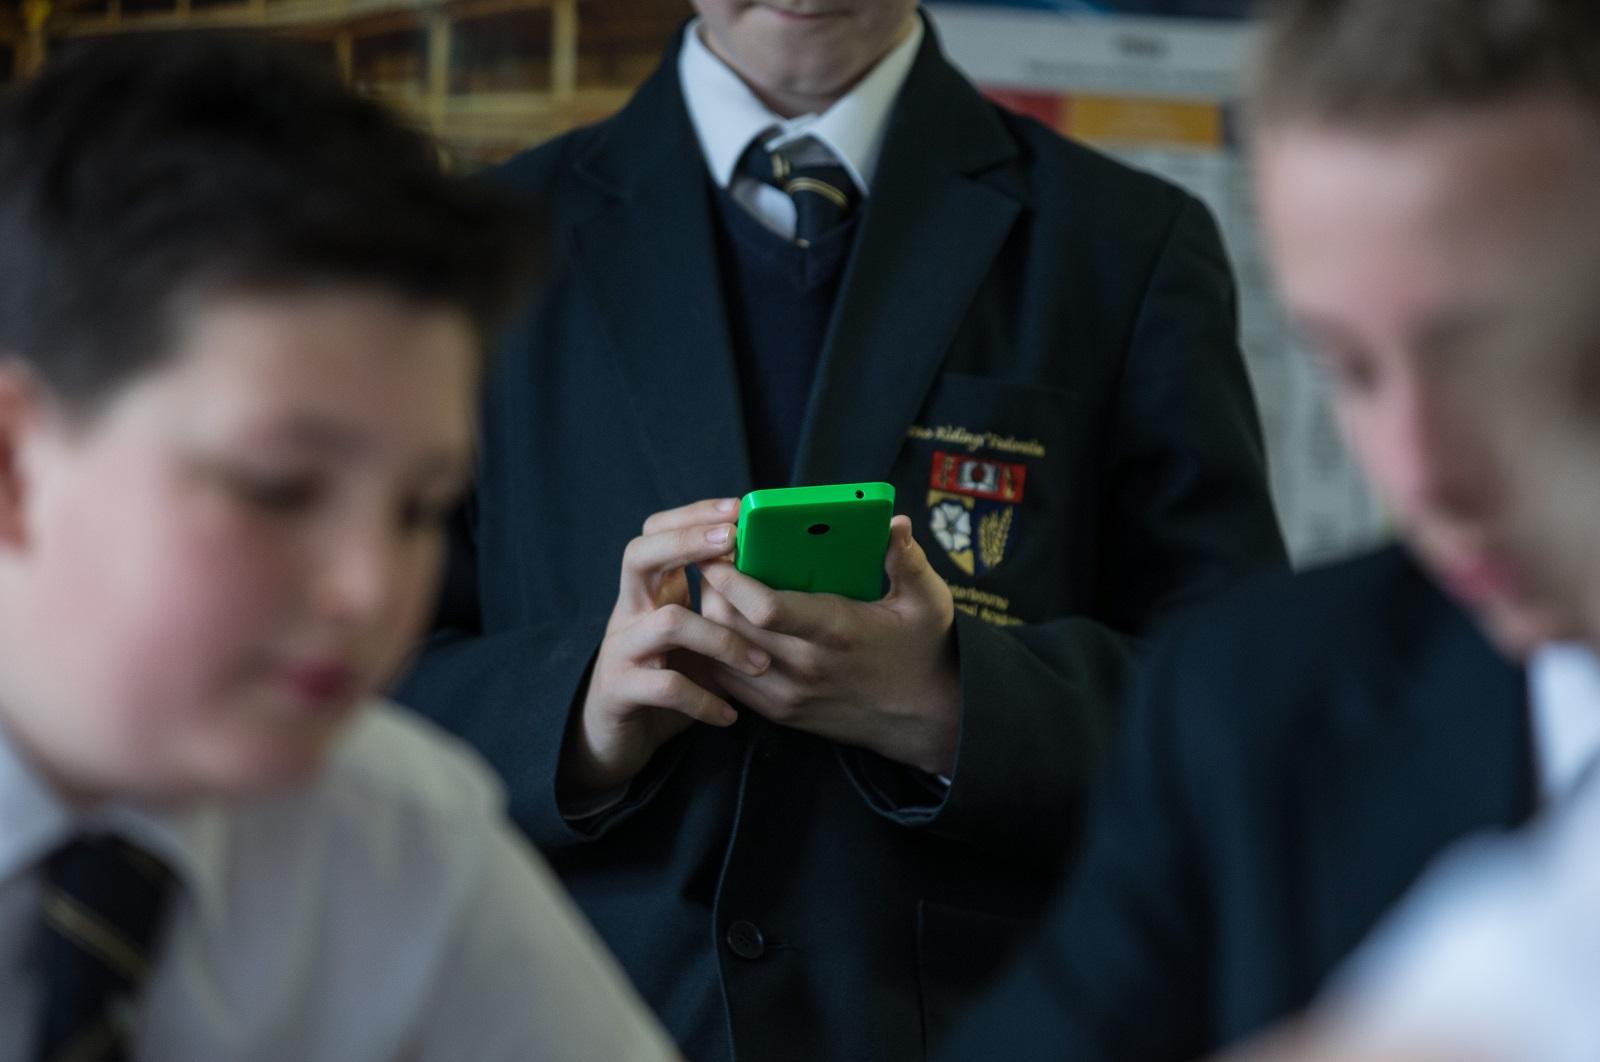 UK schoolboy using smartphone